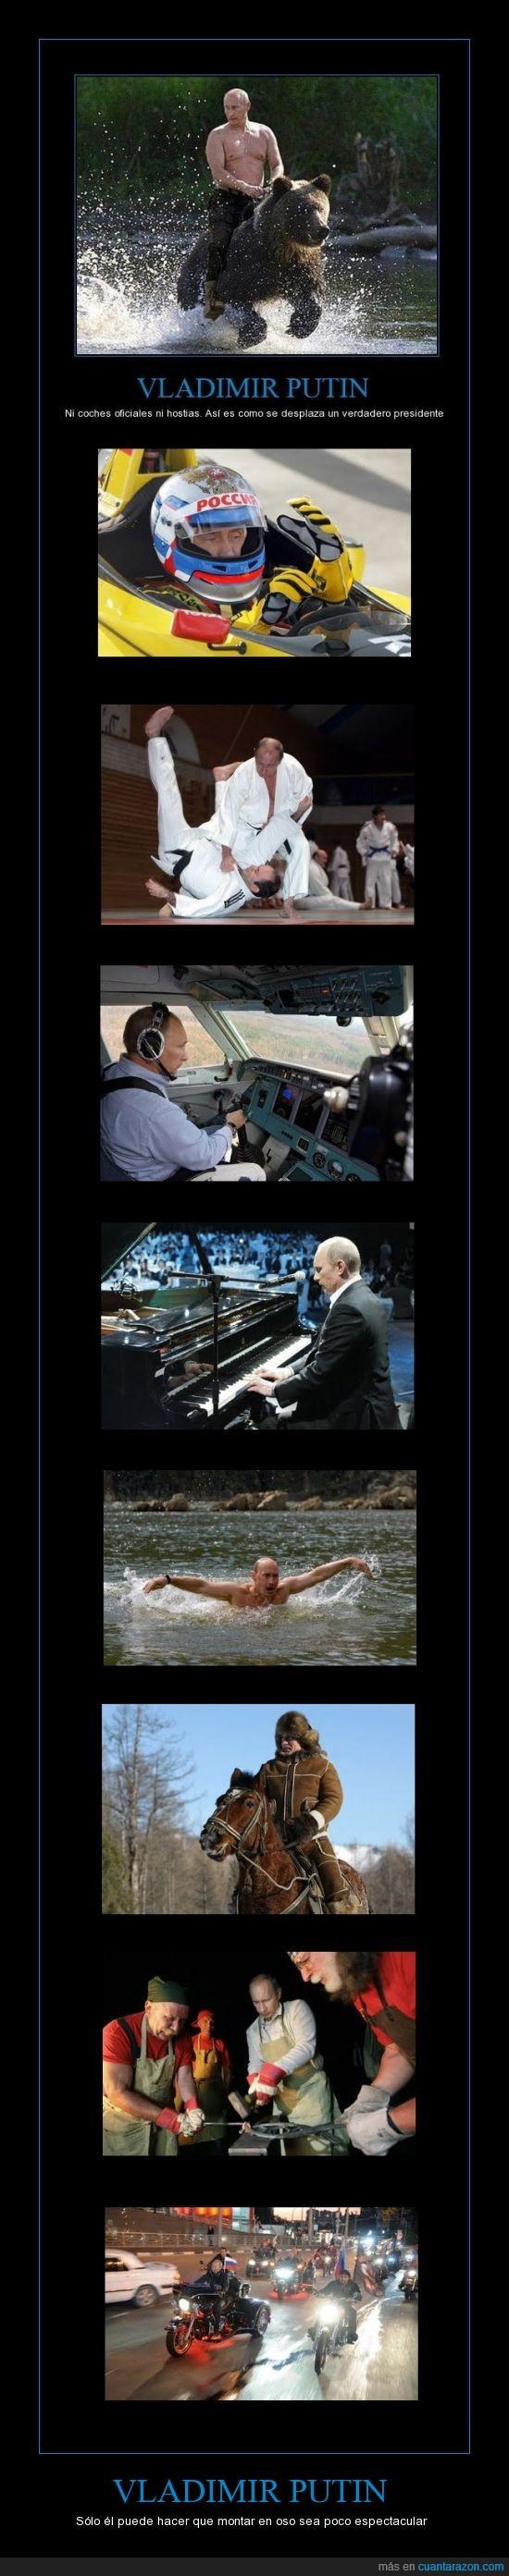 avión,caballo,fórmula 1,herrero,karate,Motos,natación,piano,rusia,rusos,Vladimir Putin,¿pero que dices?